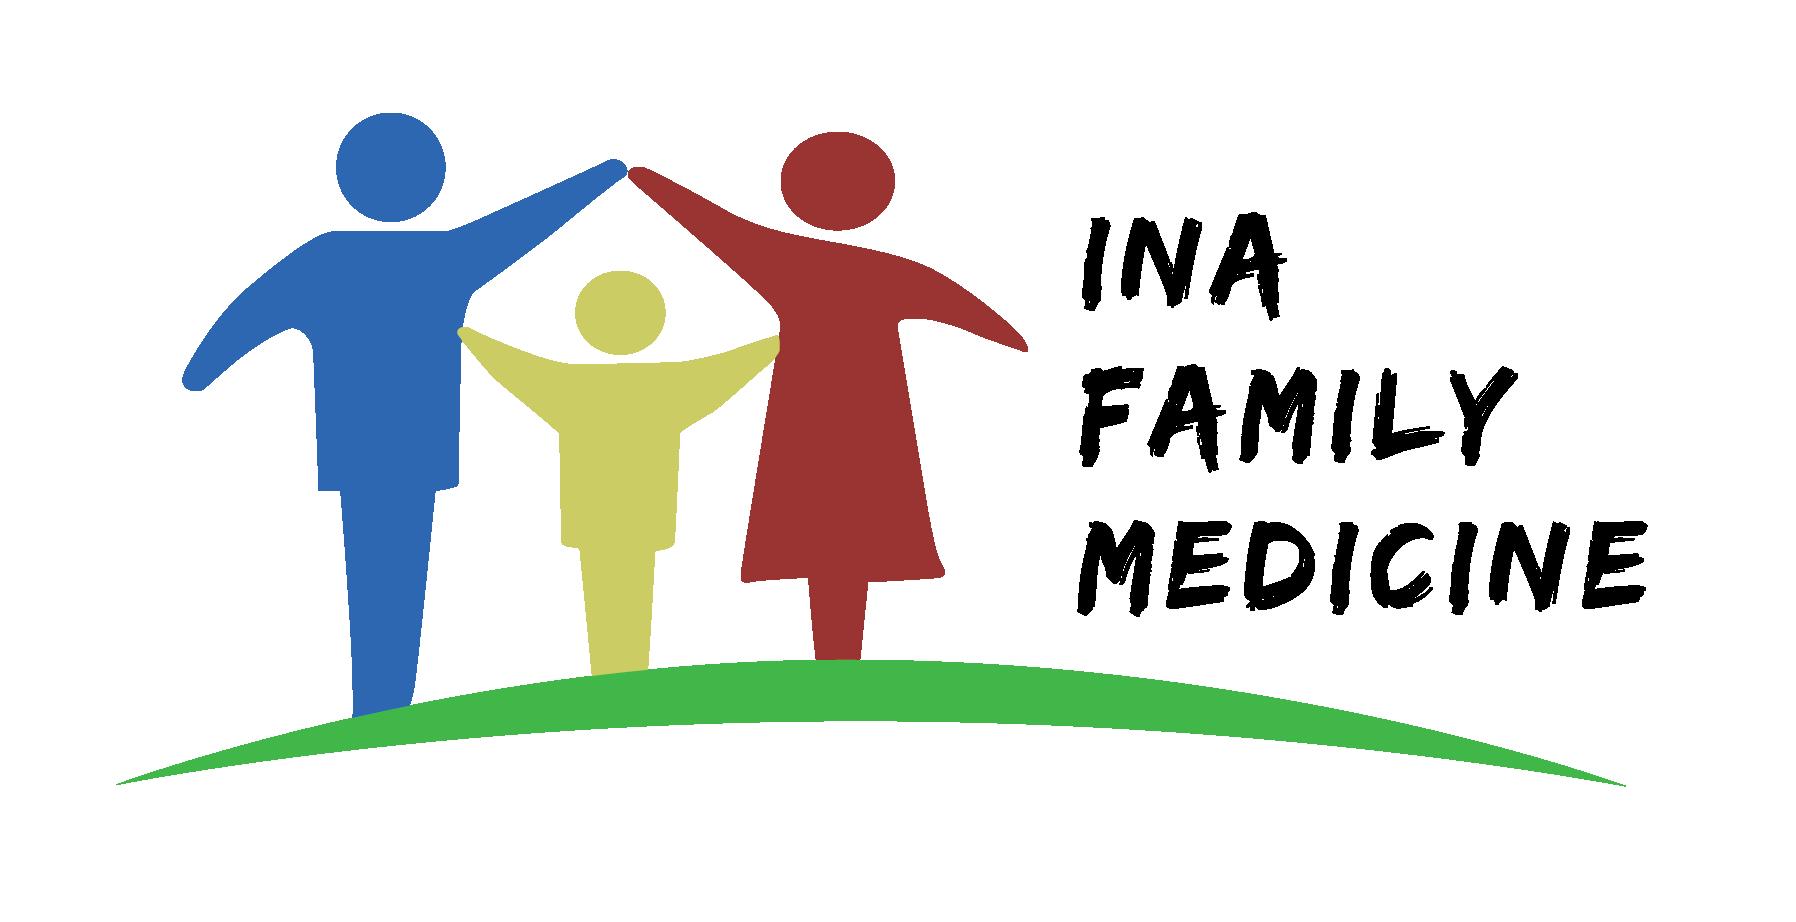 Ina Family Medicine